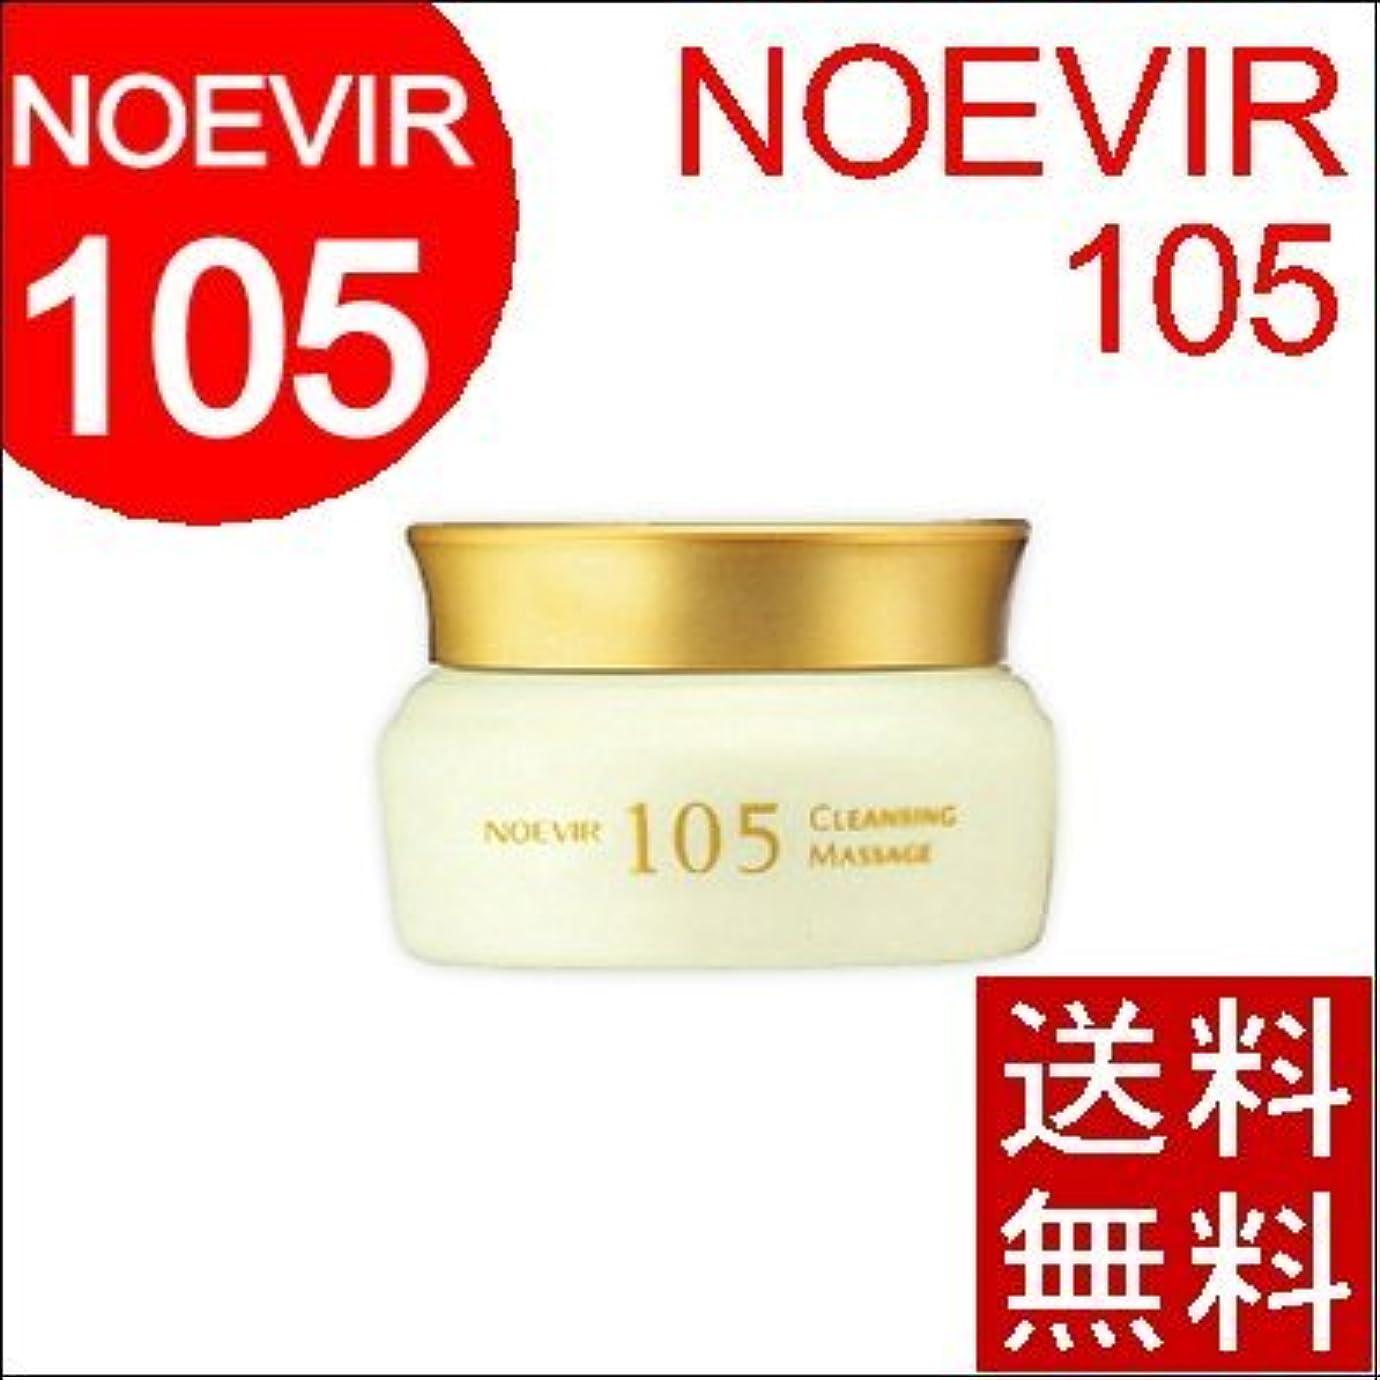 スキップ商人経験者ノエビア 105 クレンジングマッサージクリームN 100g [並行輸入品]